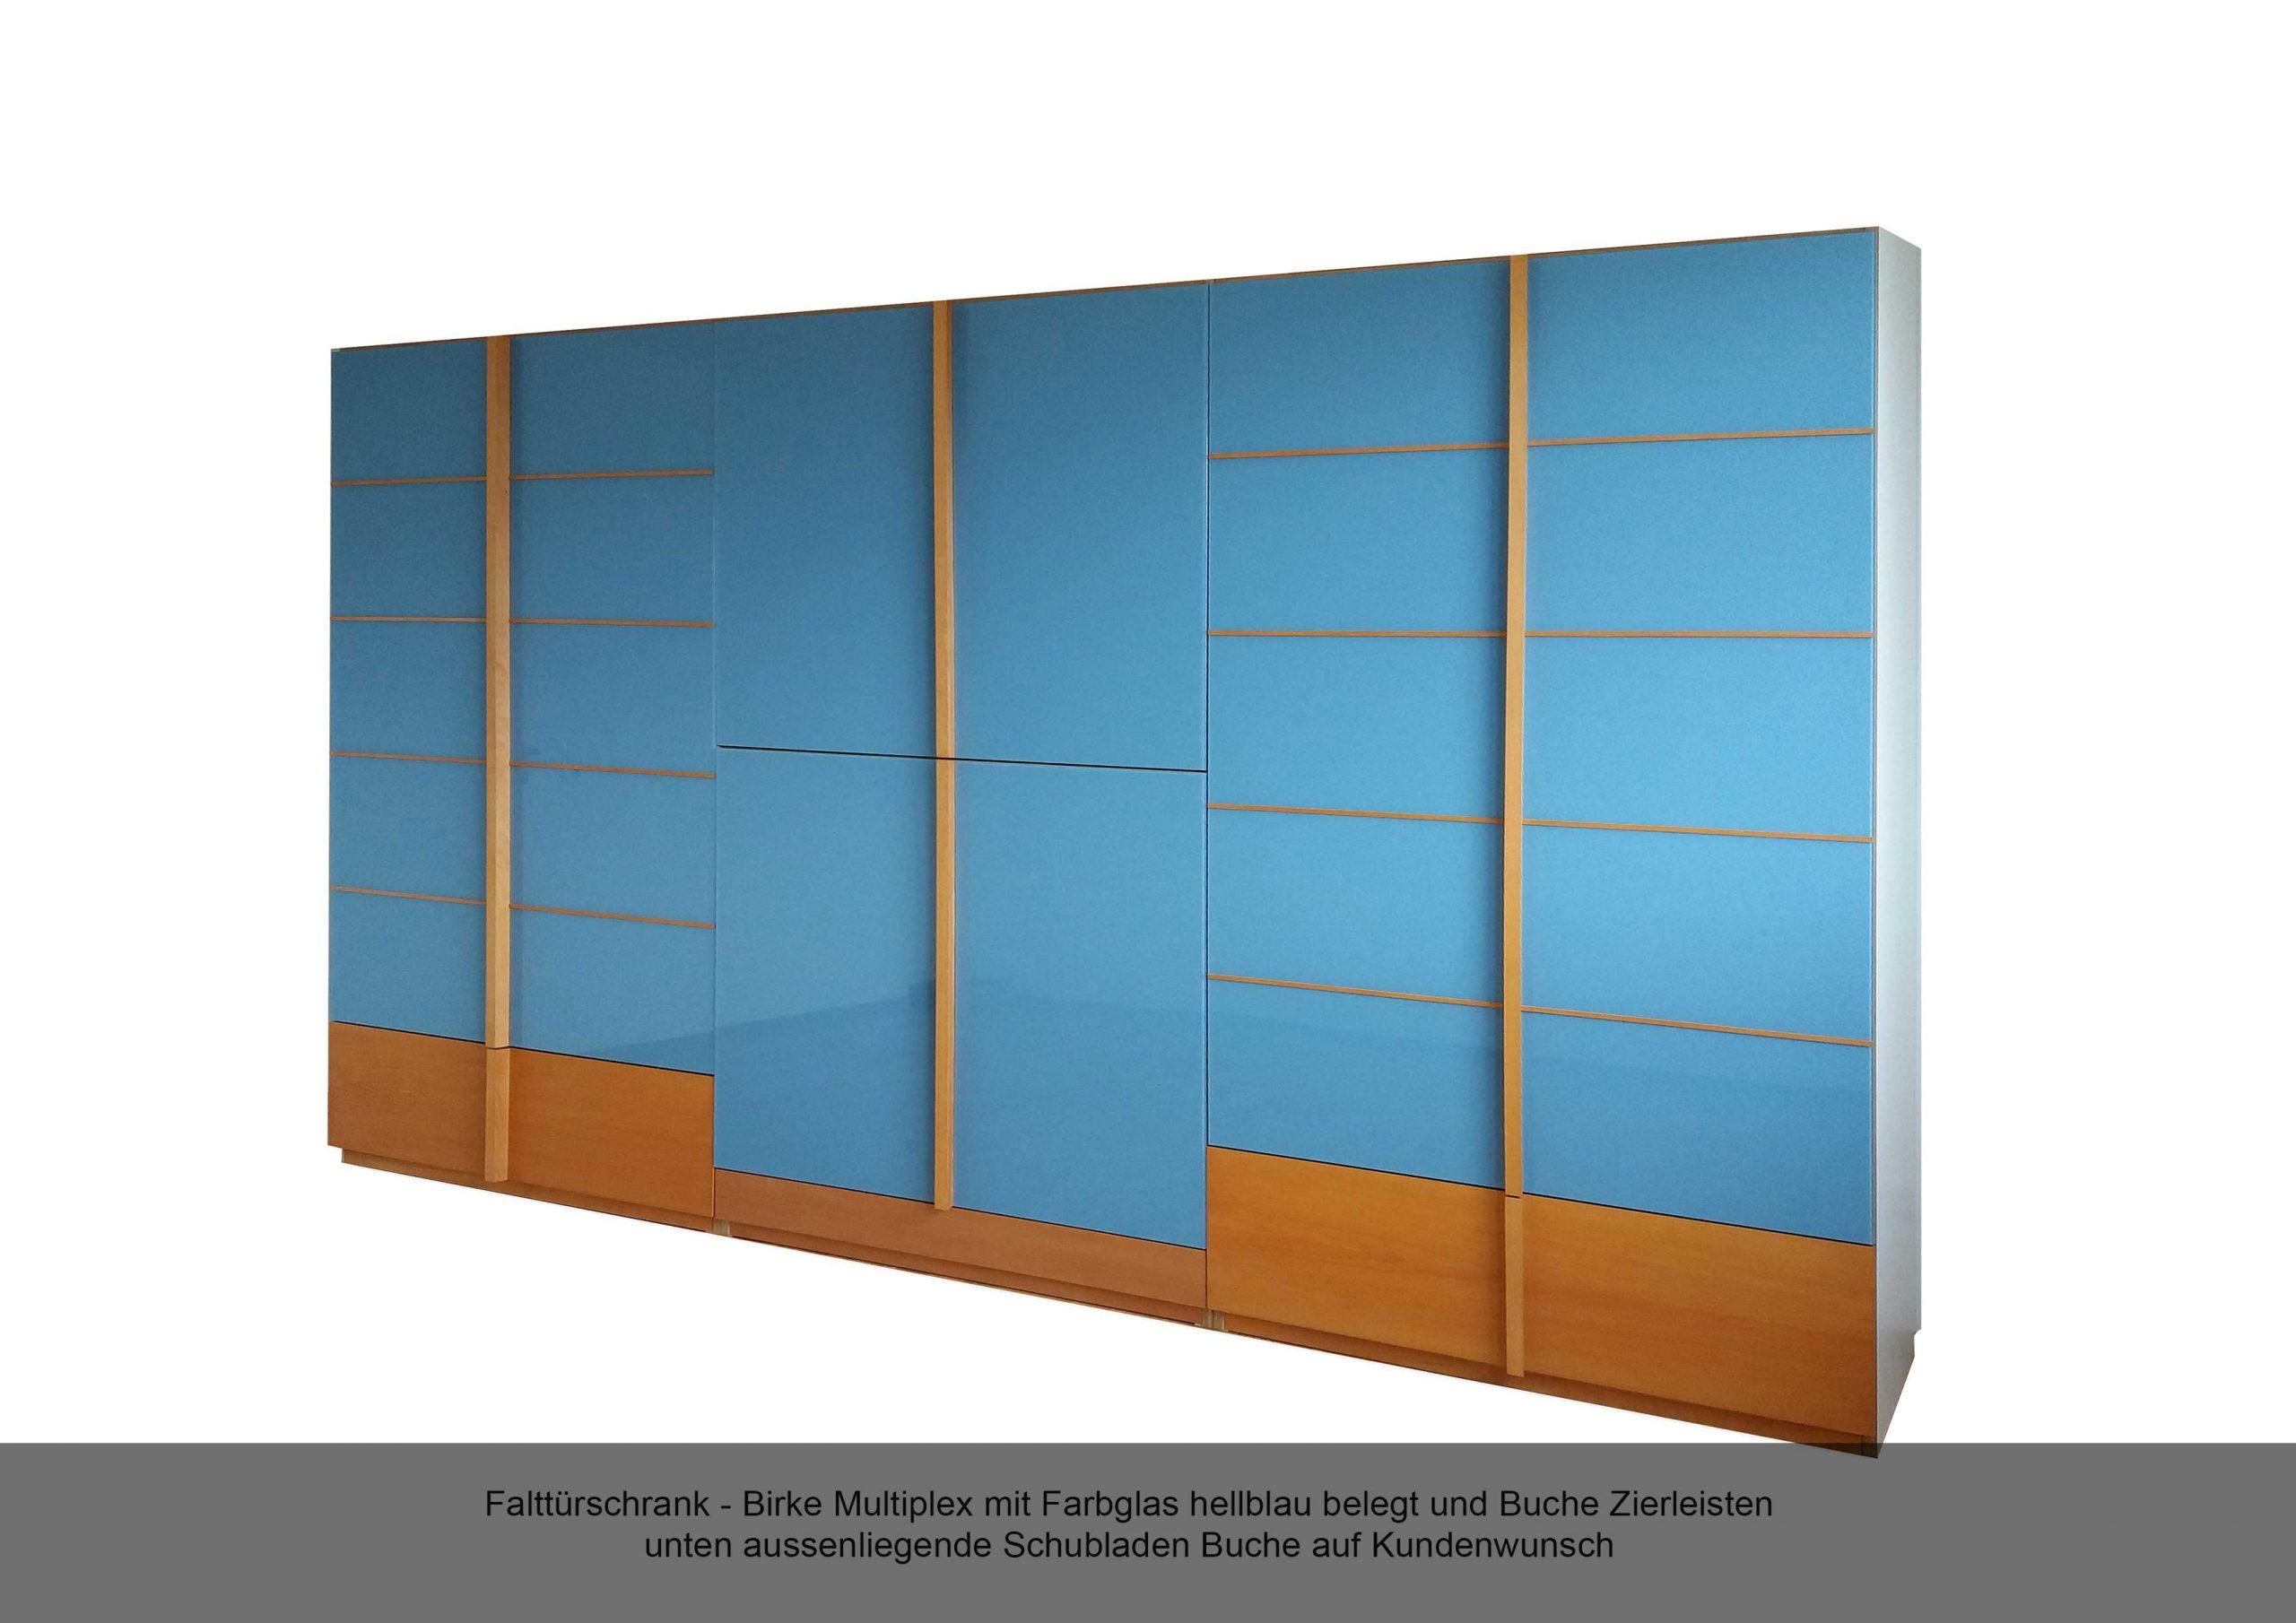 Falttürschrank Farbglasfront hellblau Zierleiste Buche Schubladen Birke Multiplex